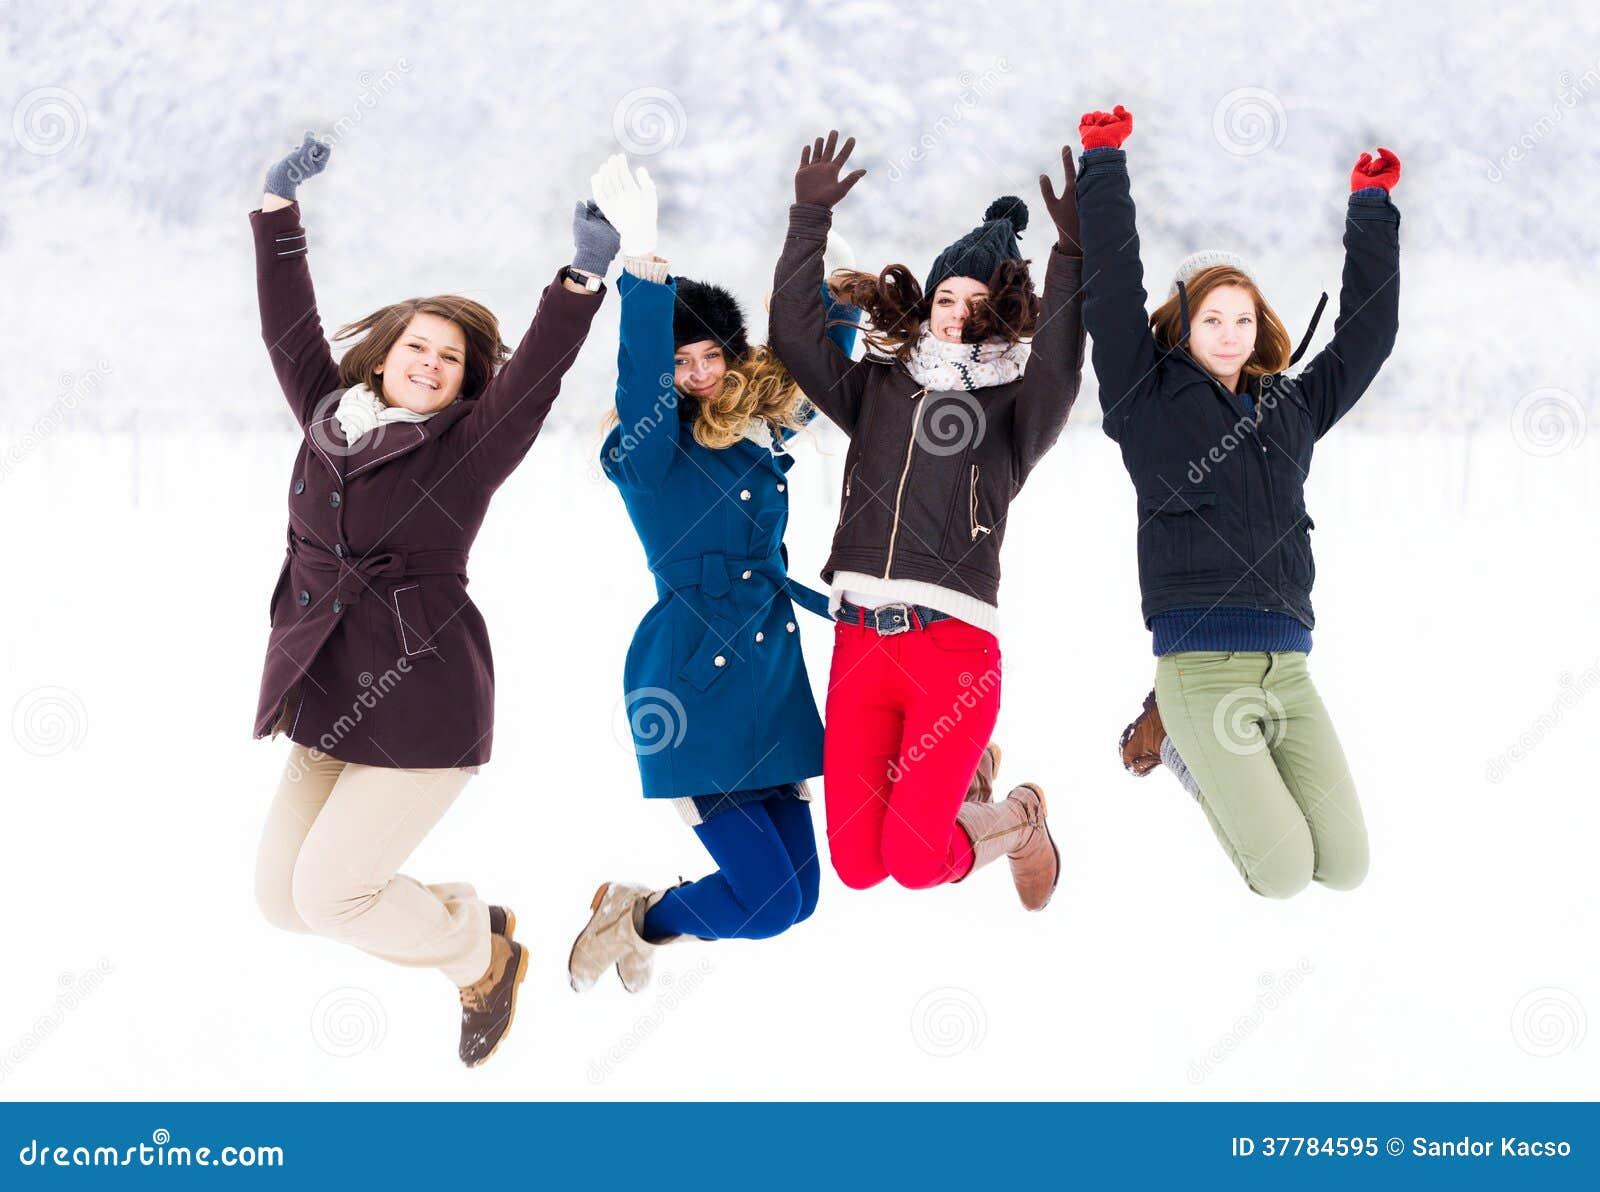 Disfrutar de invierno con los amigos